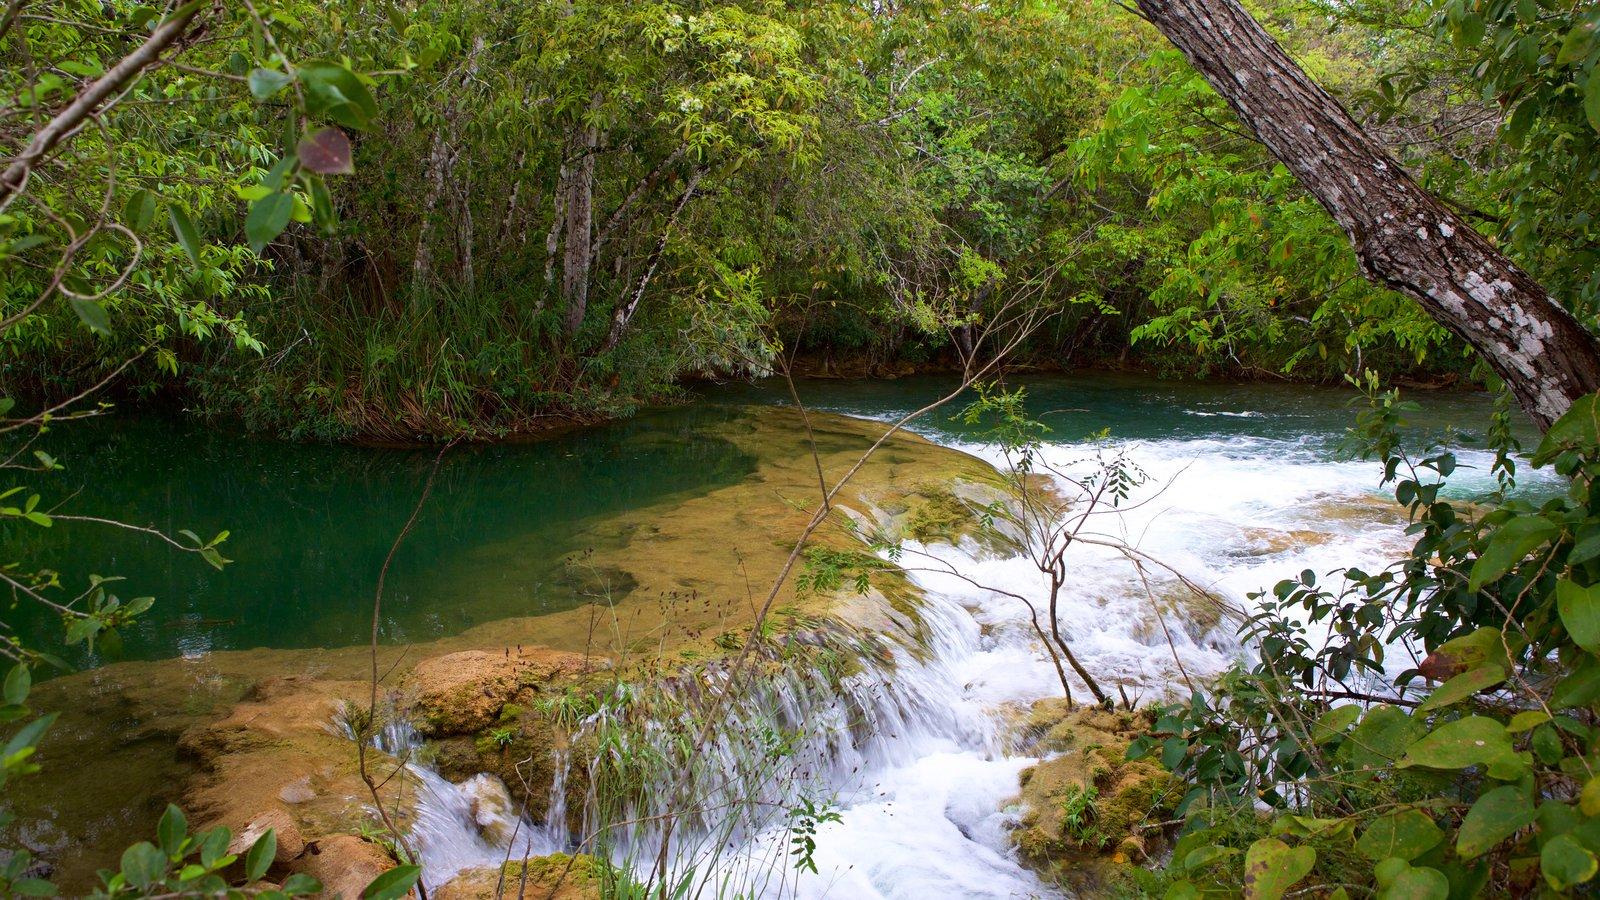 Parque Ecológico Rio Formoso que inclui um rio ou córrego, mangues e córrego